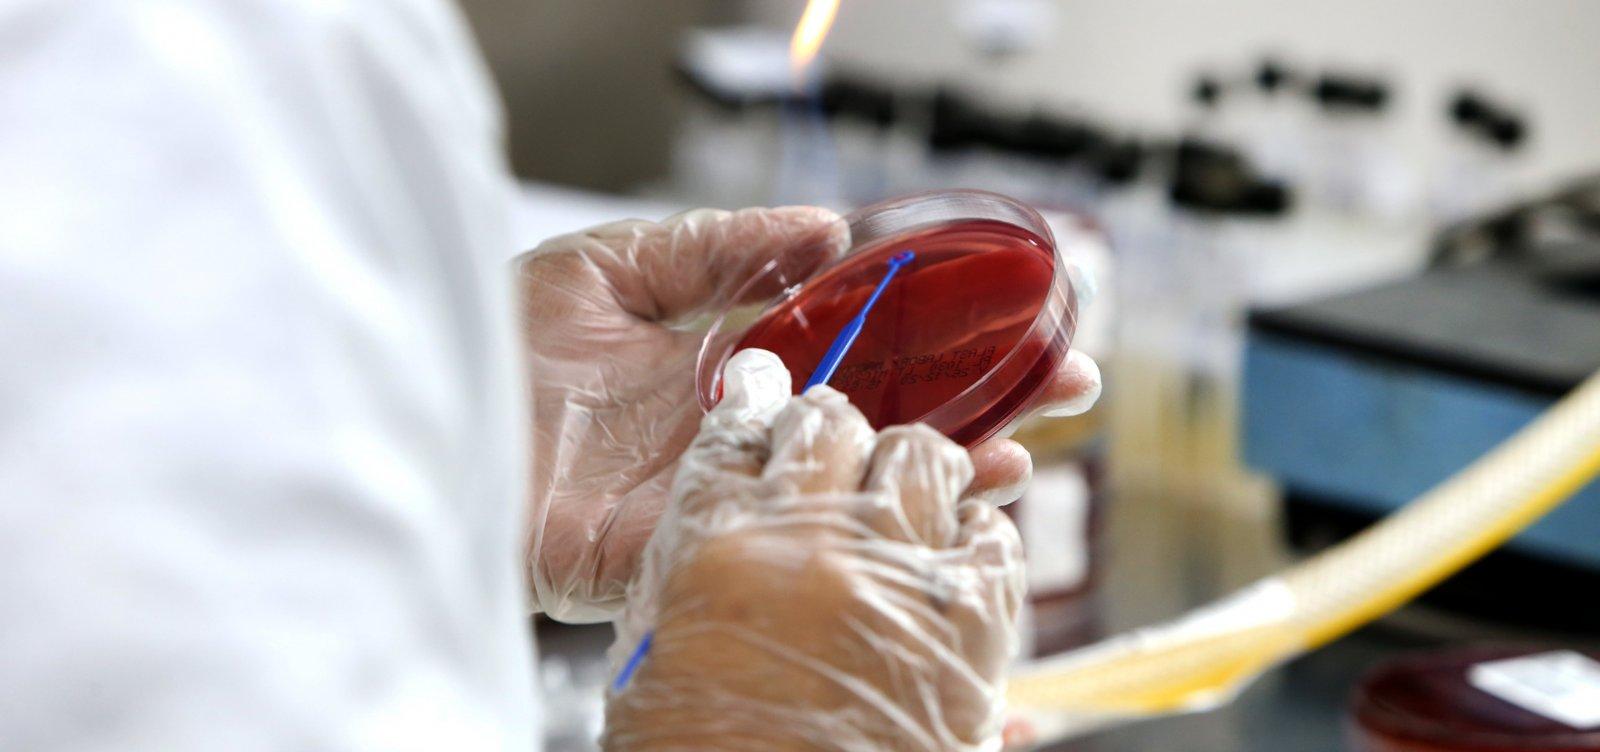 Coronavírus: SP identifica variante sueca e mutação da cepa de Manaus